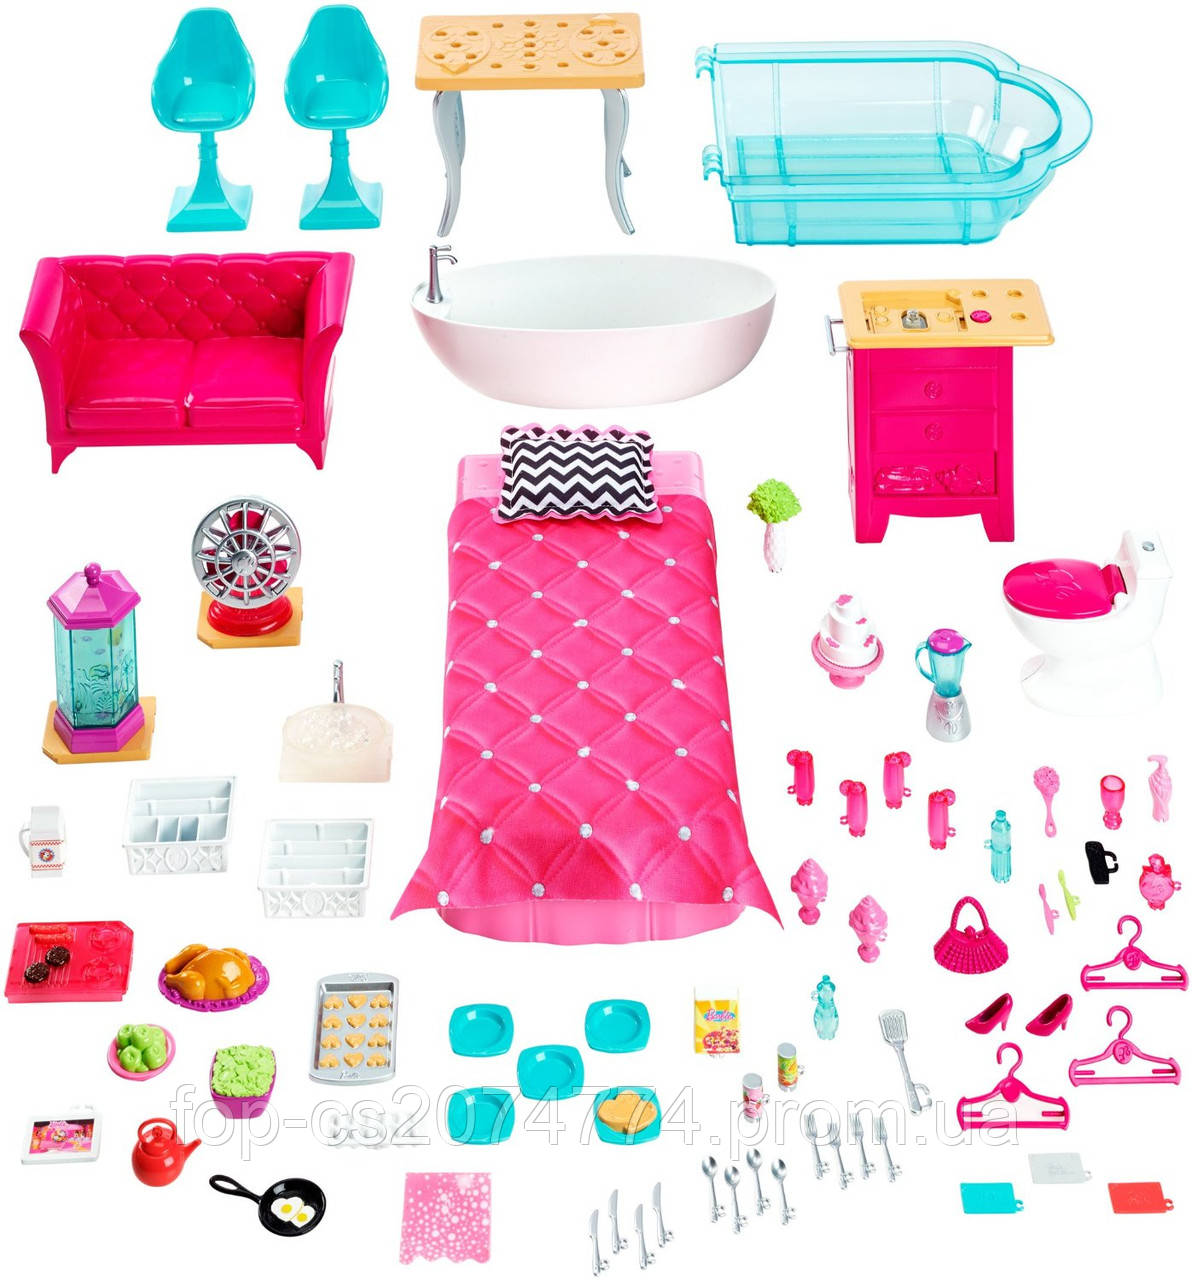 Дом мечты Барби Barbie Dreamhouse: продажа, цена в Киеве ...